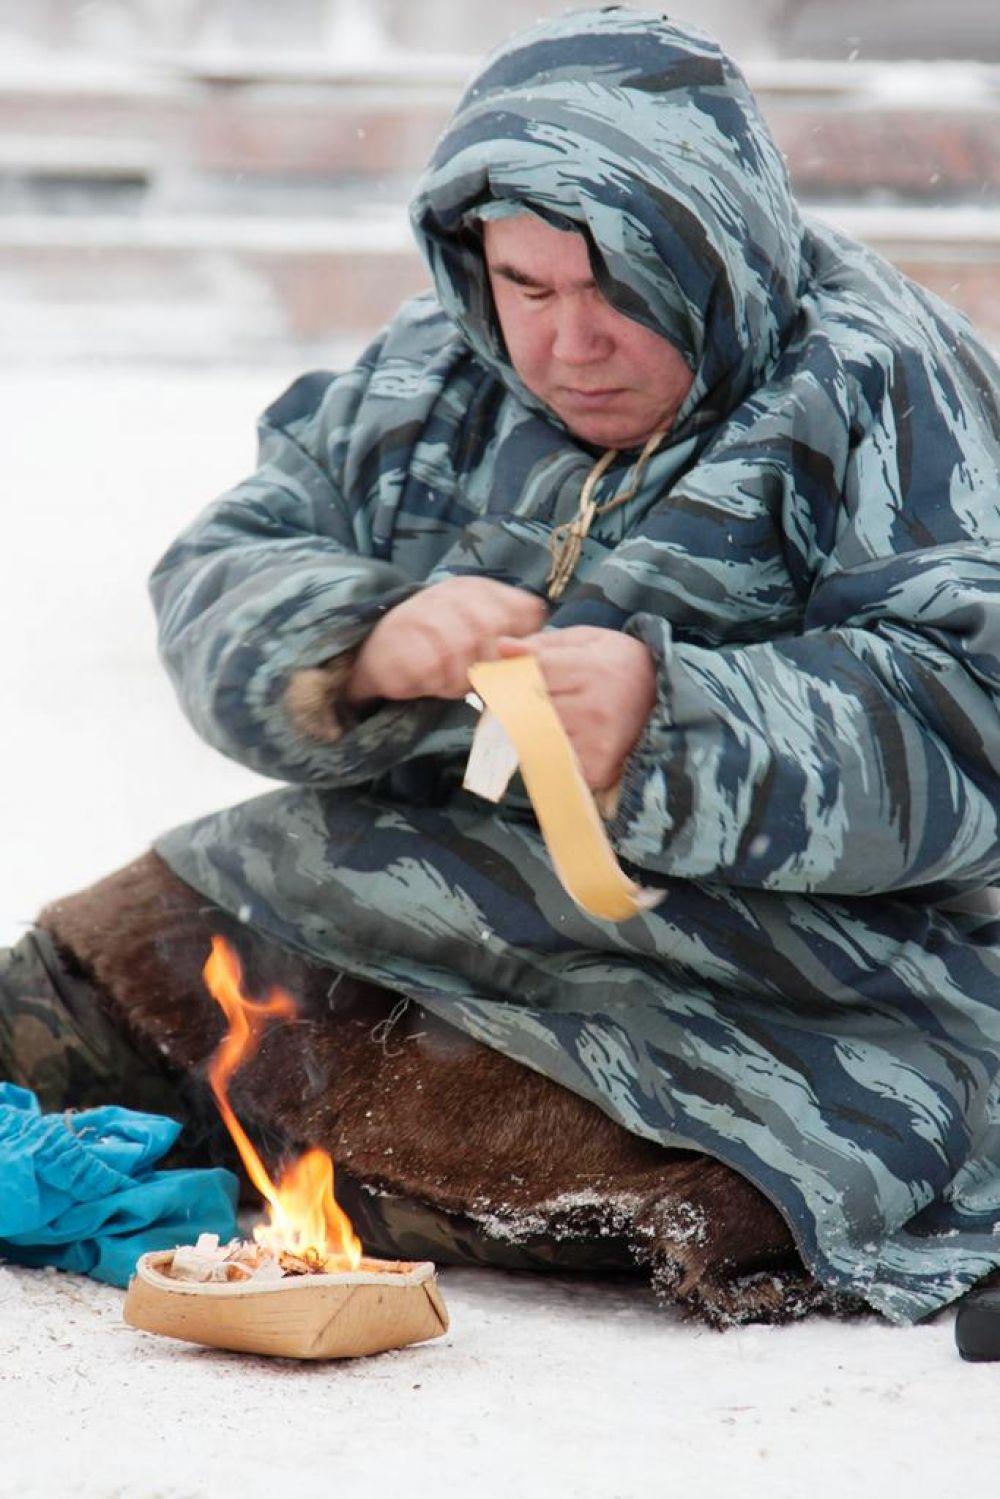 Огонь Паралимпиады добыли древним, традиционным способом коренных народов Севера. Для этого понадобился кожаный ремешок и несколько деревянных палочек.